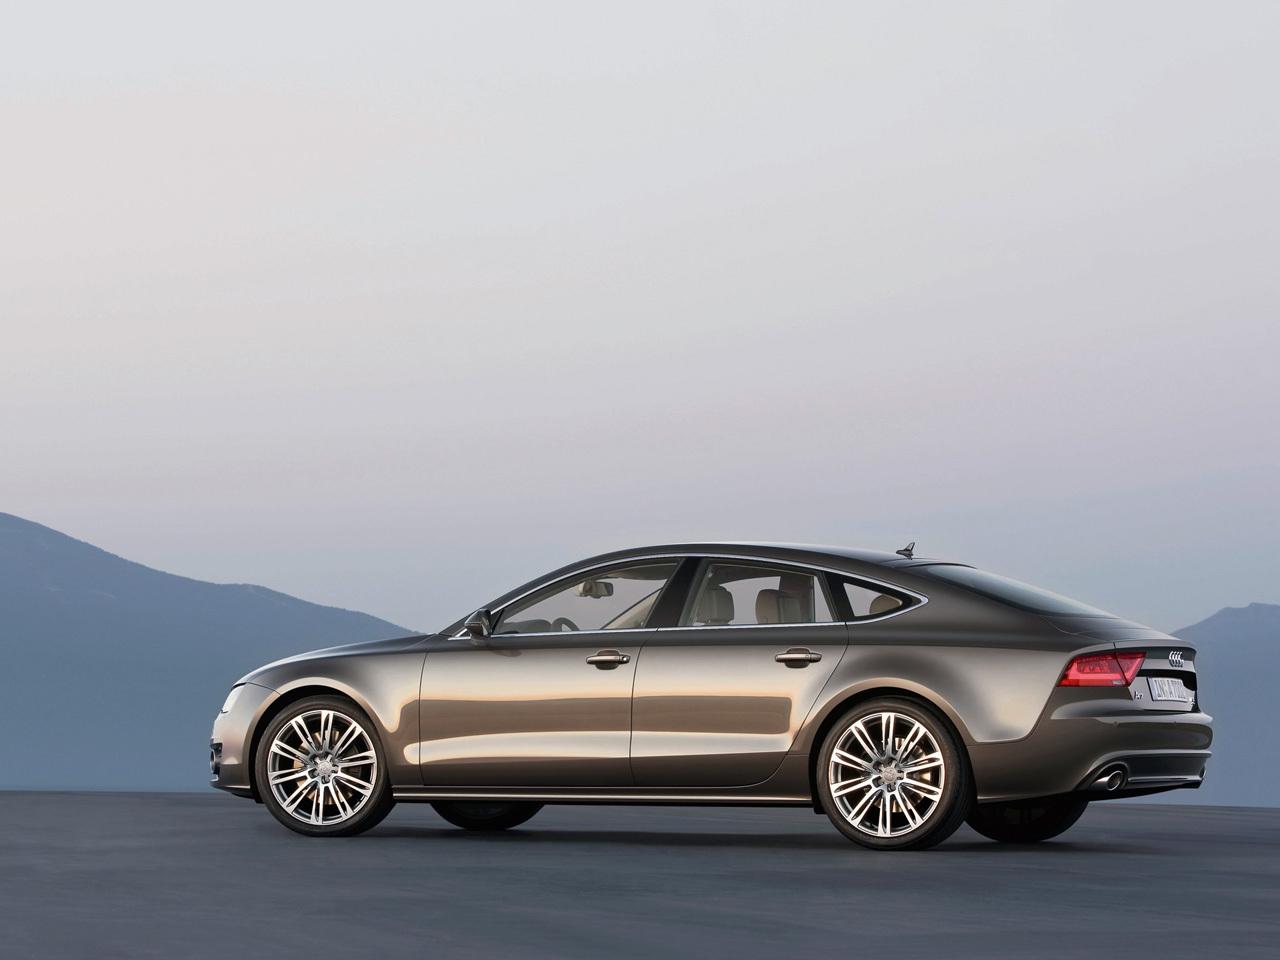 20857 скачать обои Транспорт, Машины, Ауди (Audi) - заставки и картинки бесплатно